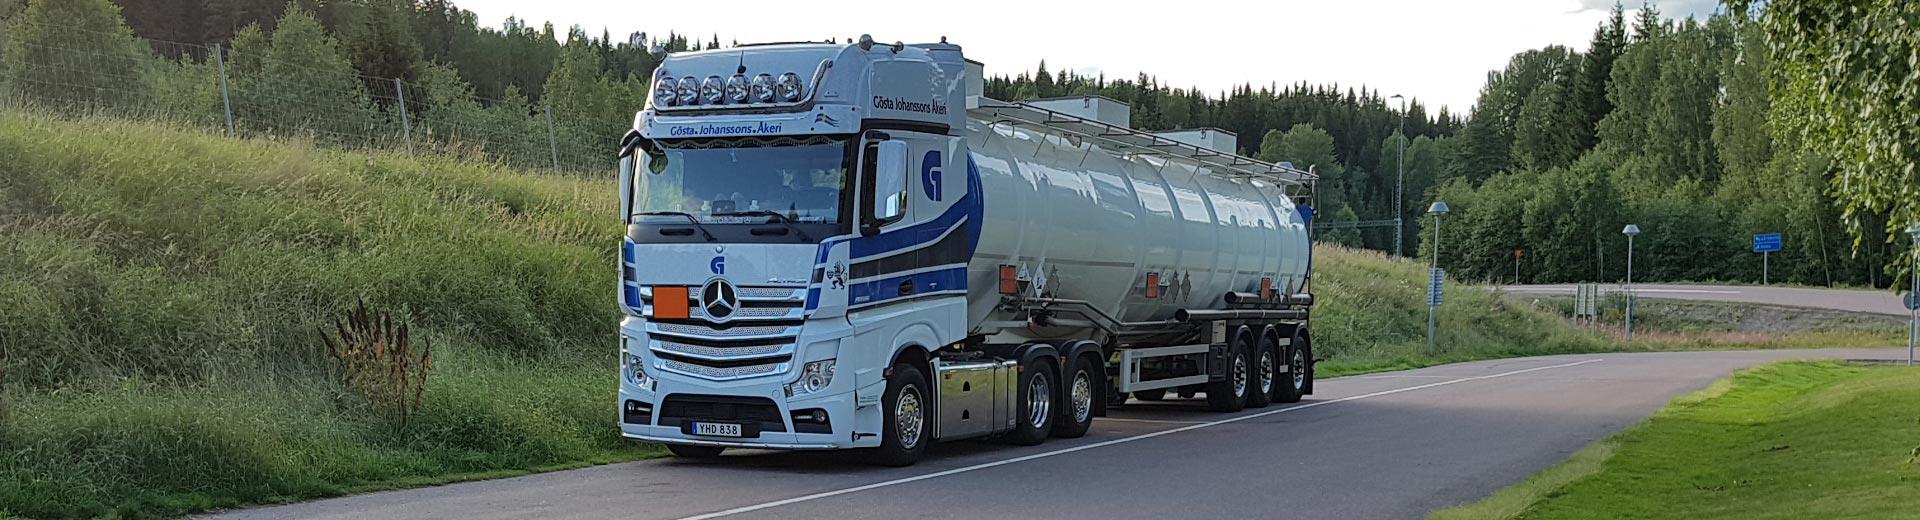 Tanktransport av farligt gods